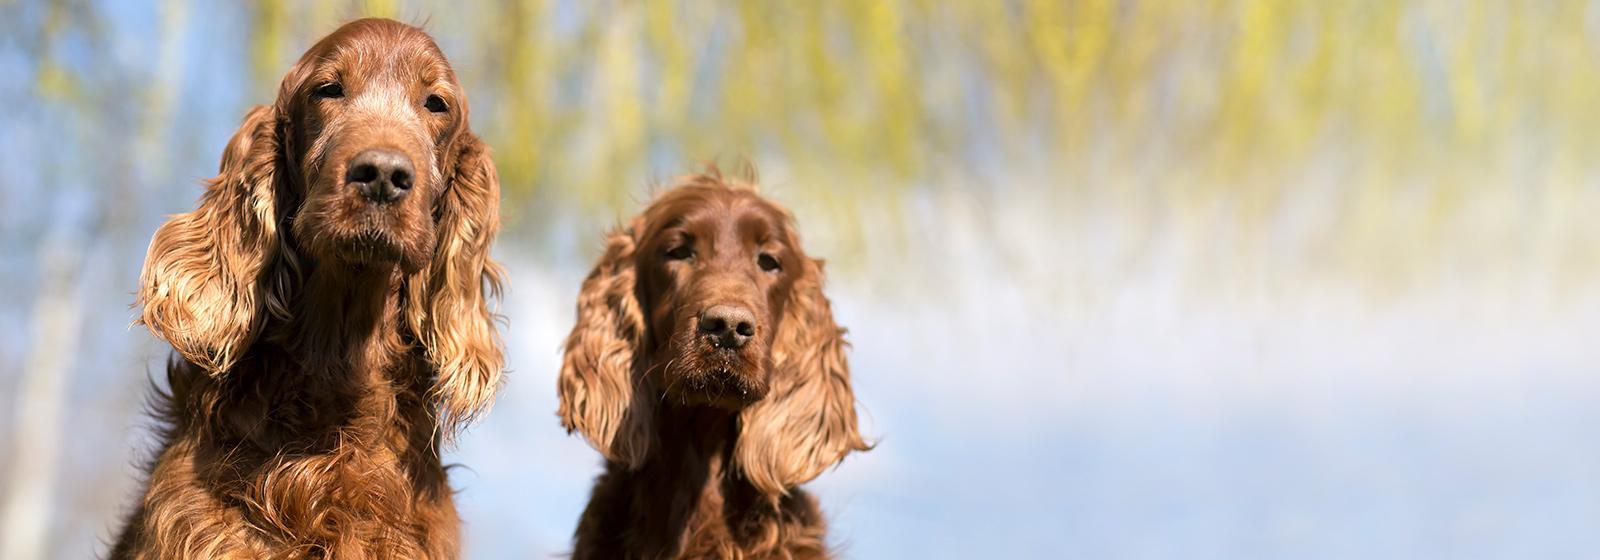 PetStay - Home Dog Boarding